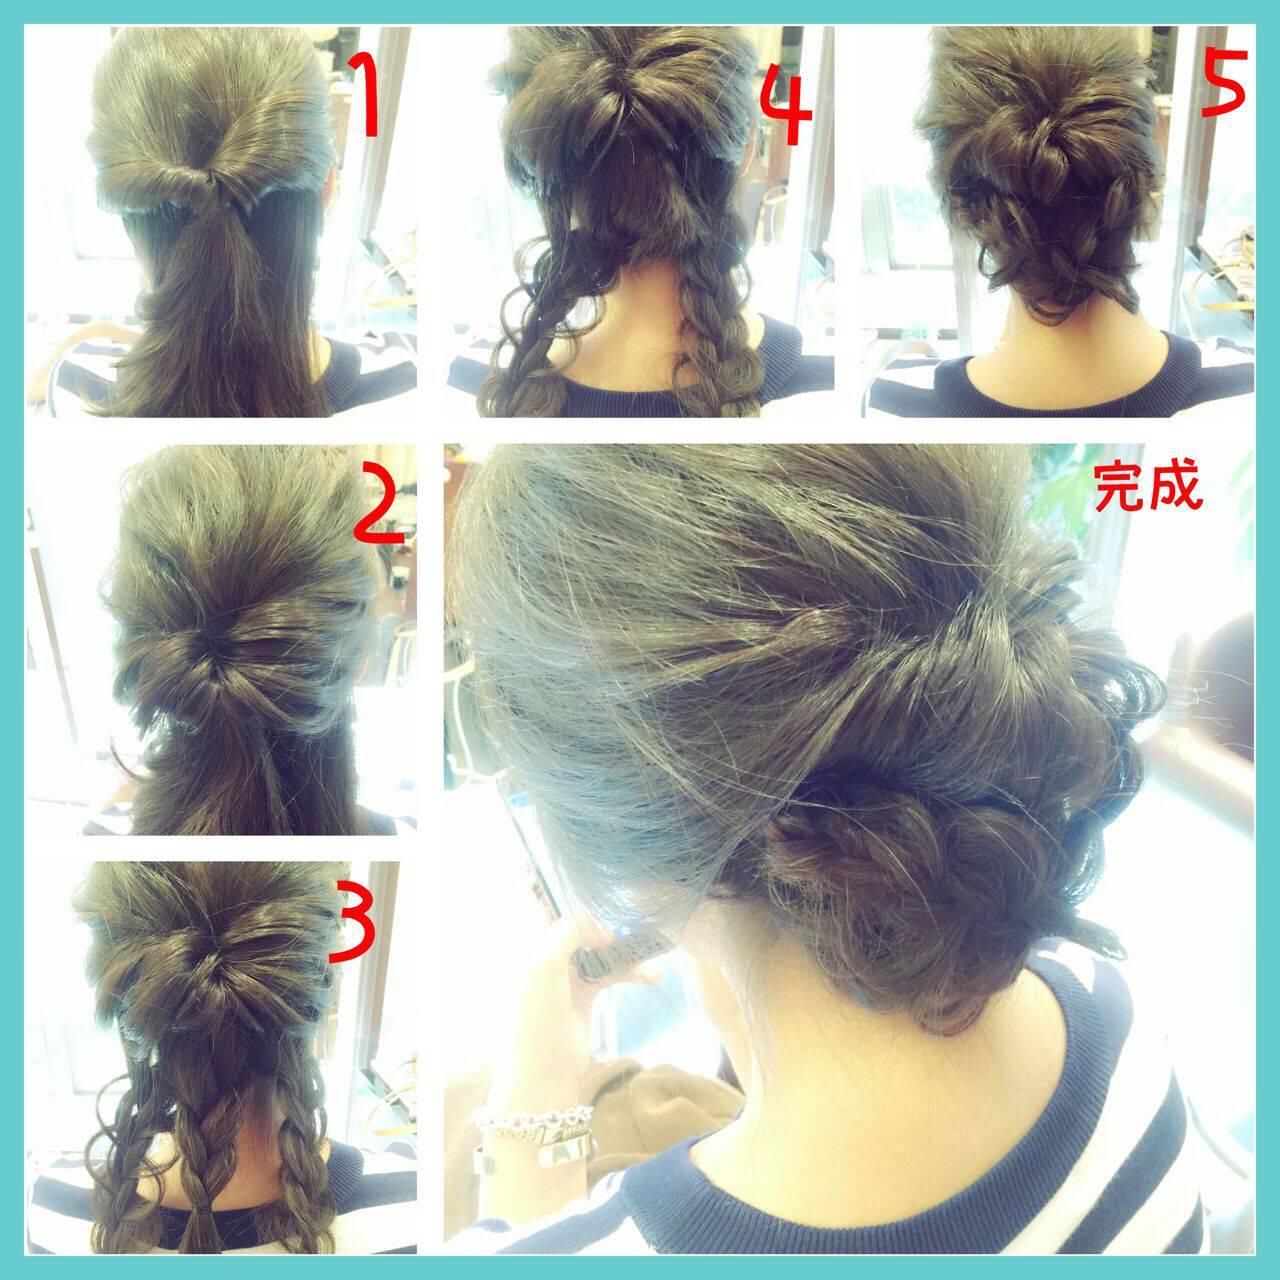 セミロング ショート 簡単ヘアアレンジ ヘアアレンジヘアスタイルや髪型の写真・画像